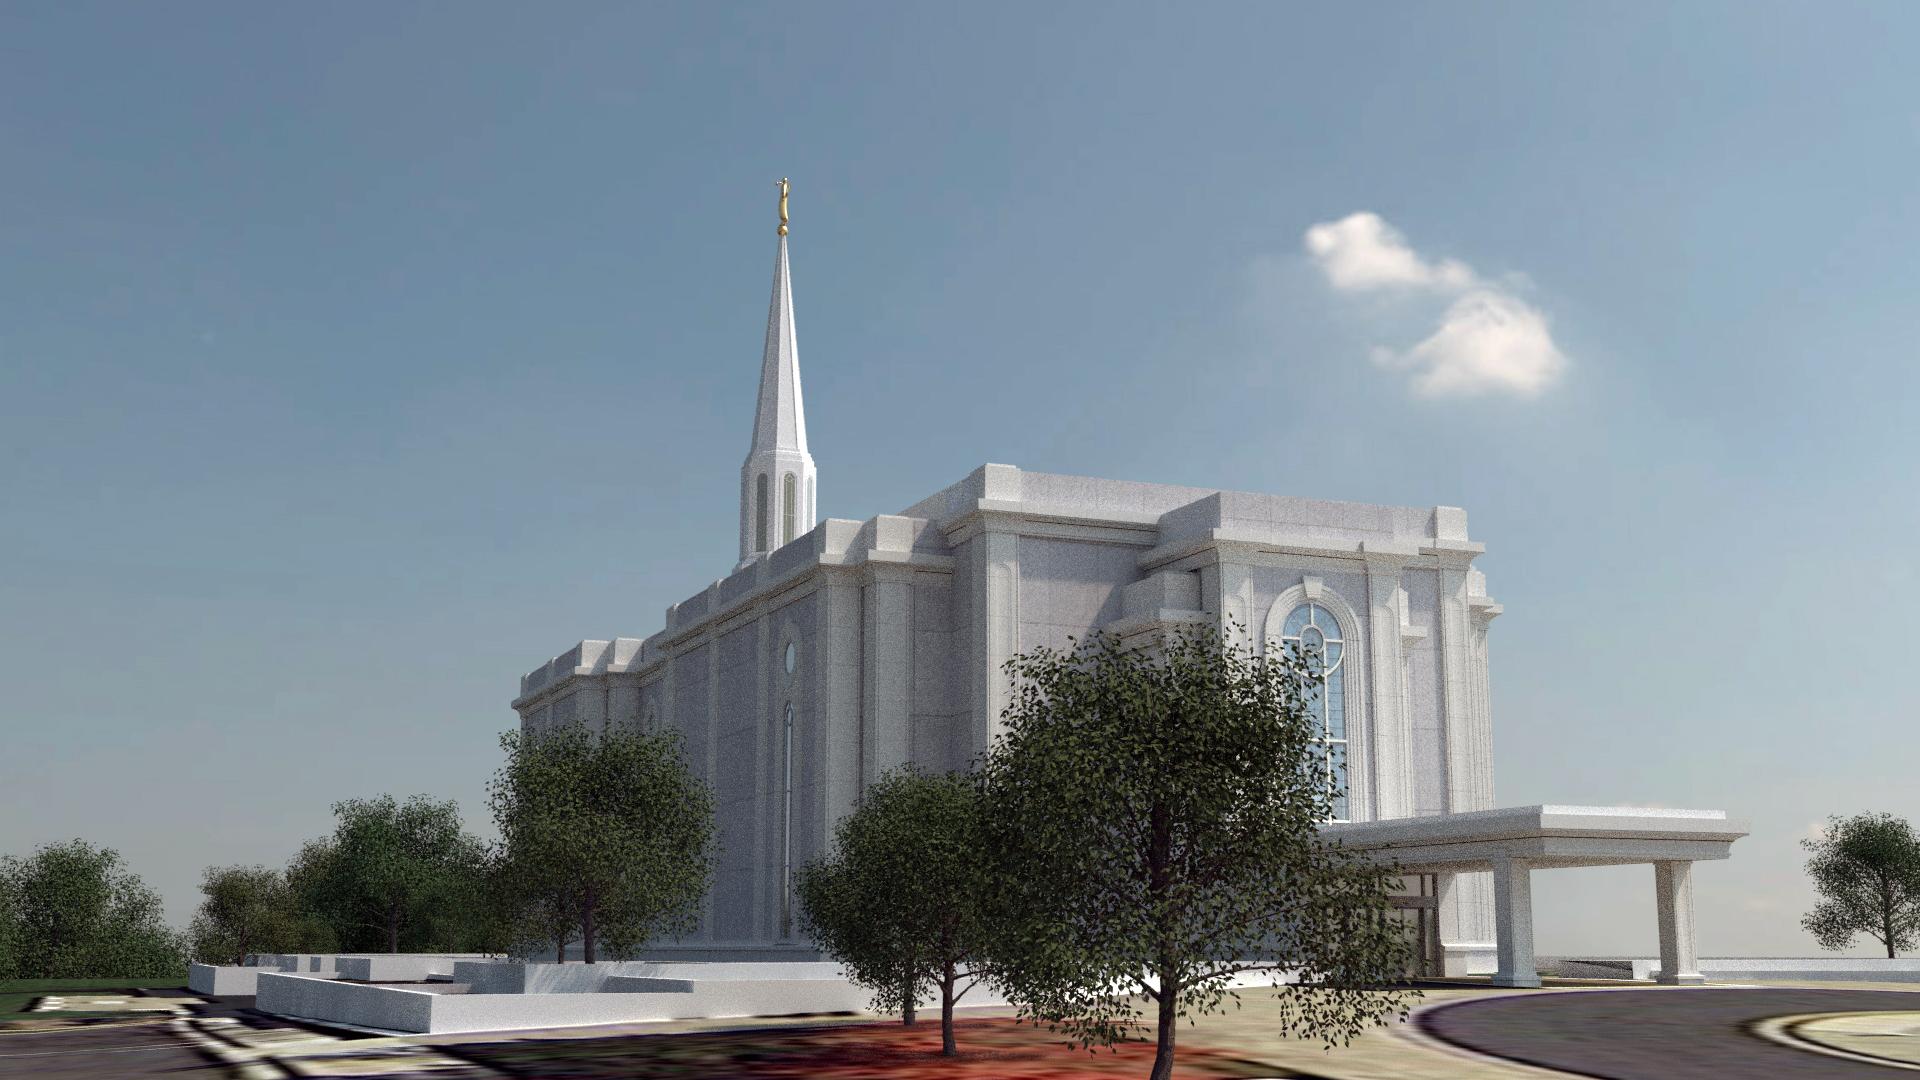 Saint Louis Missouri Temple